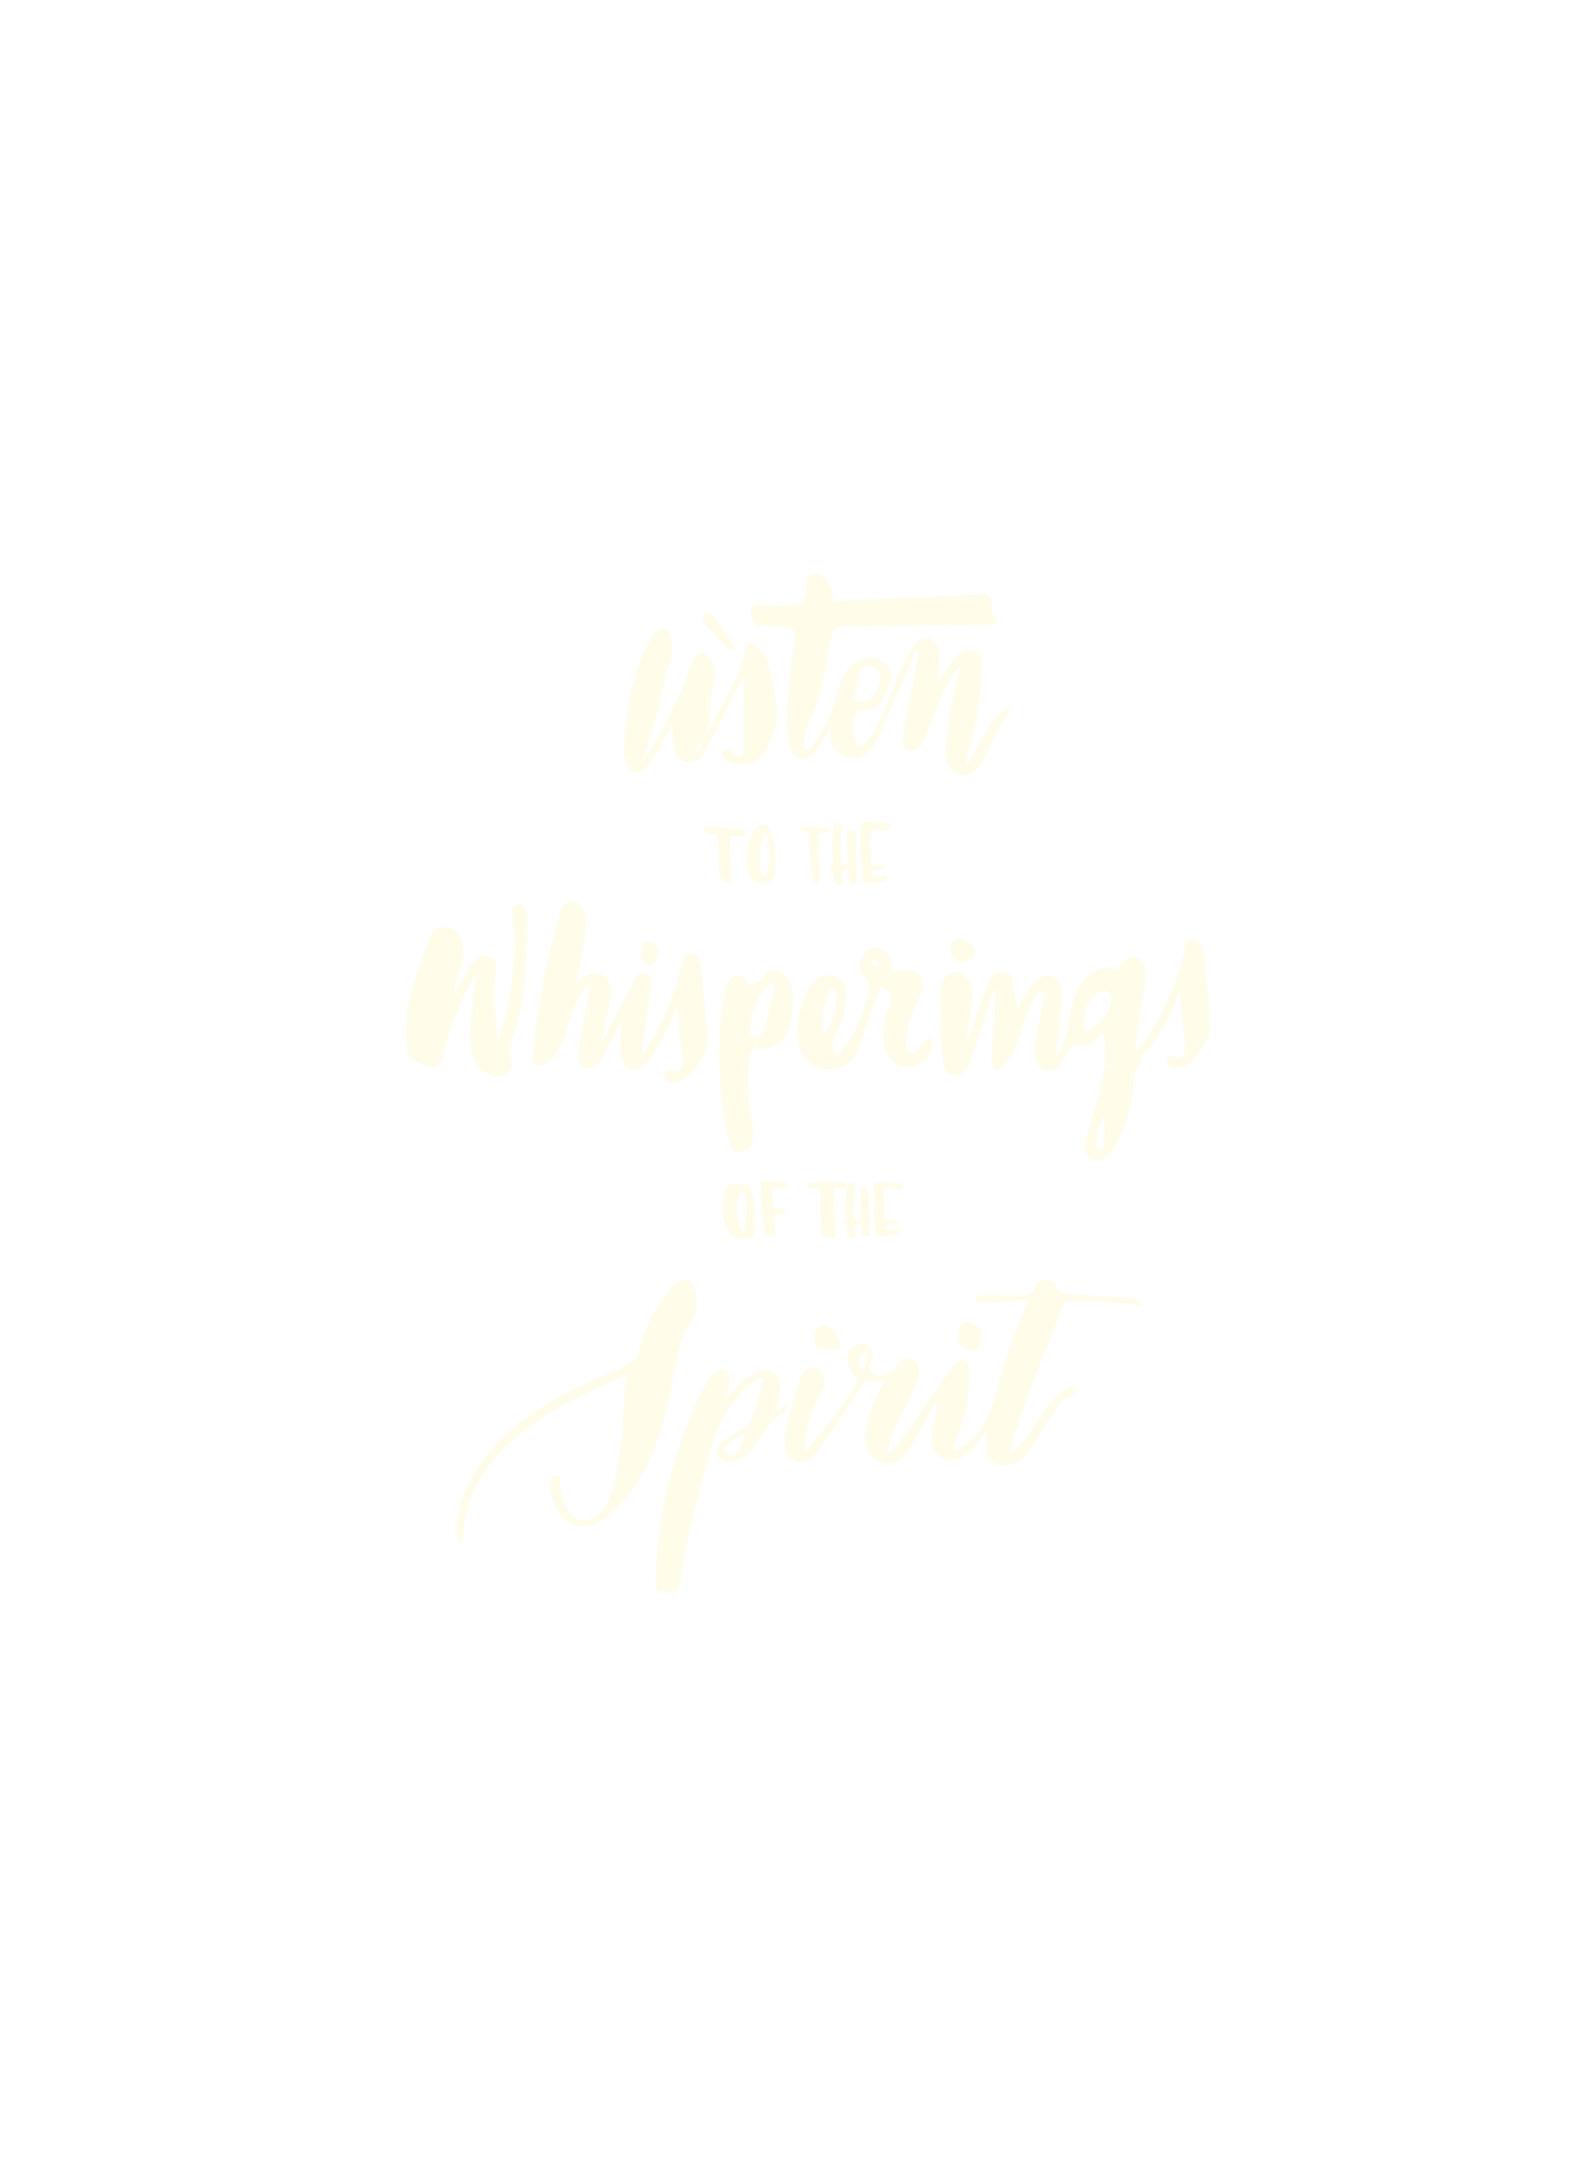 Whispering of the spirit1-01